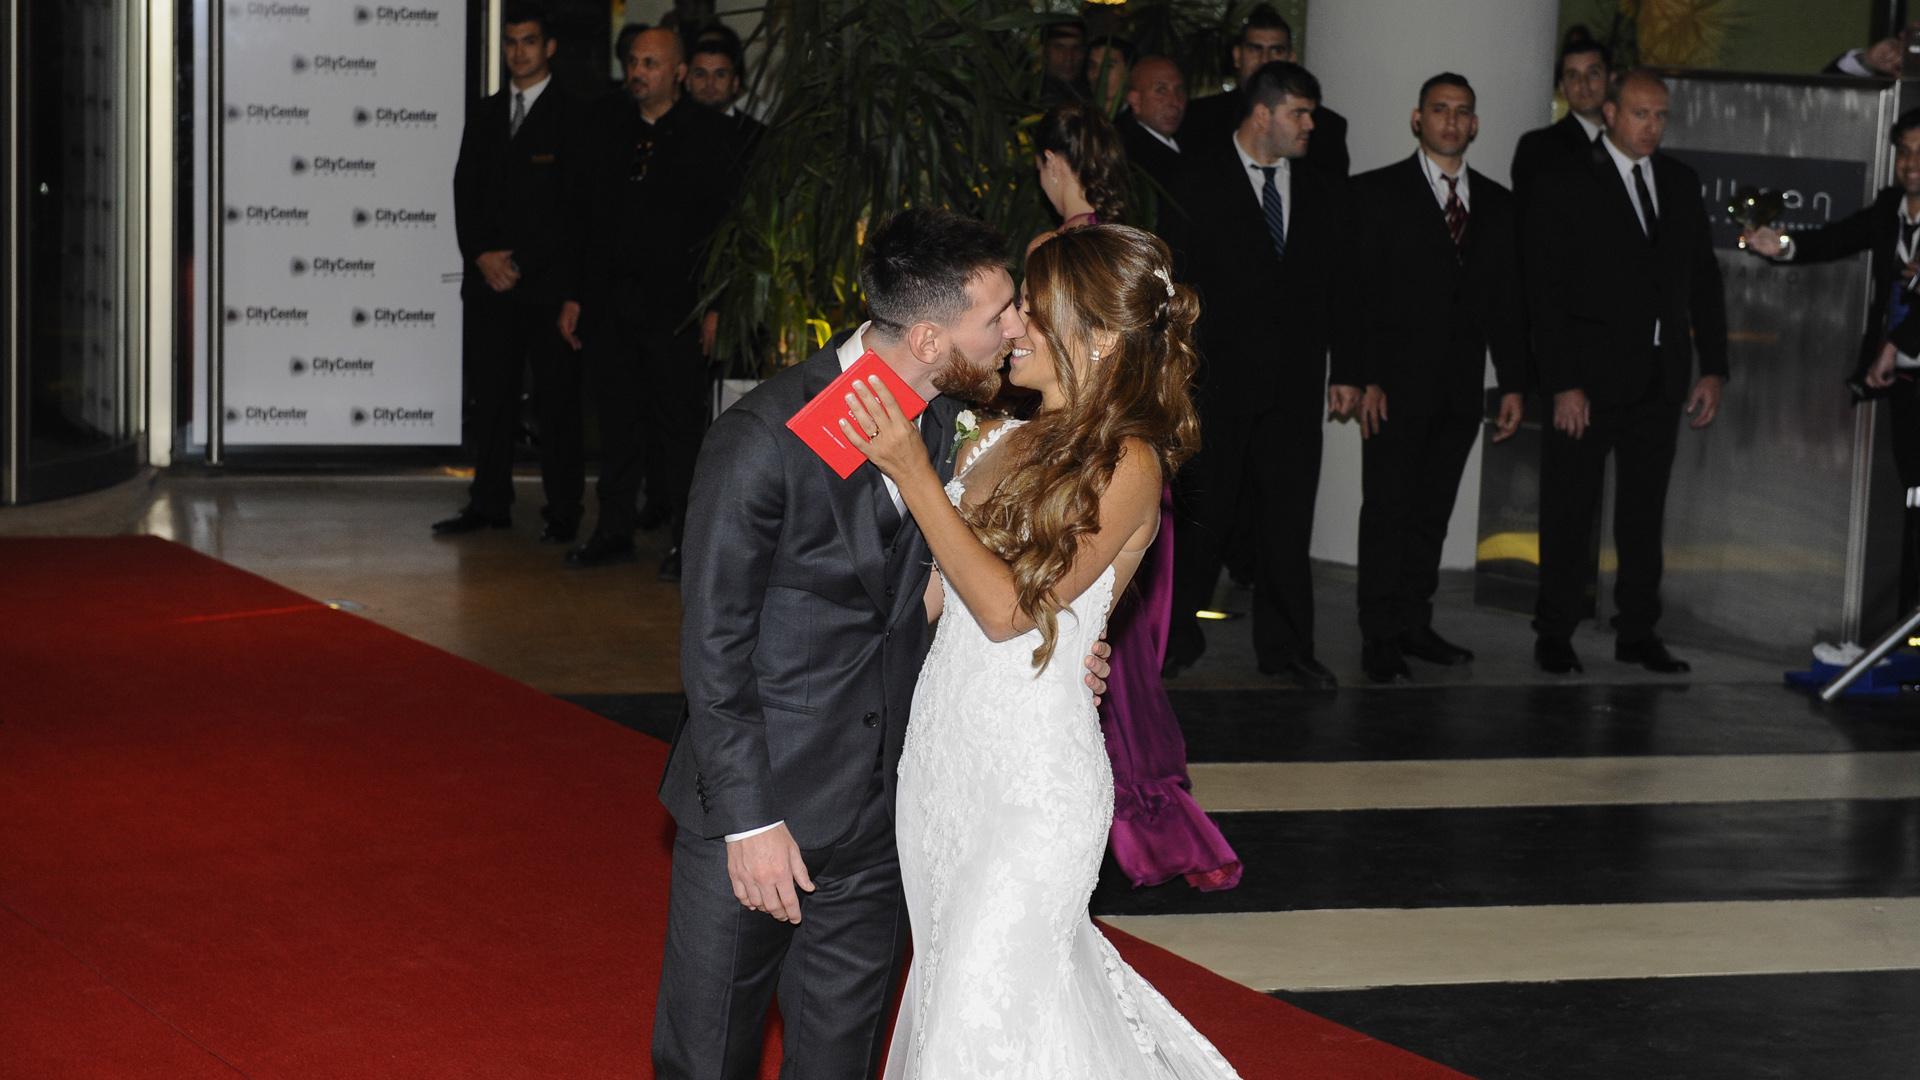 La prensa los llamó a darse el beso más esperado y la pareja no tuvo reparos en conceder el deseo